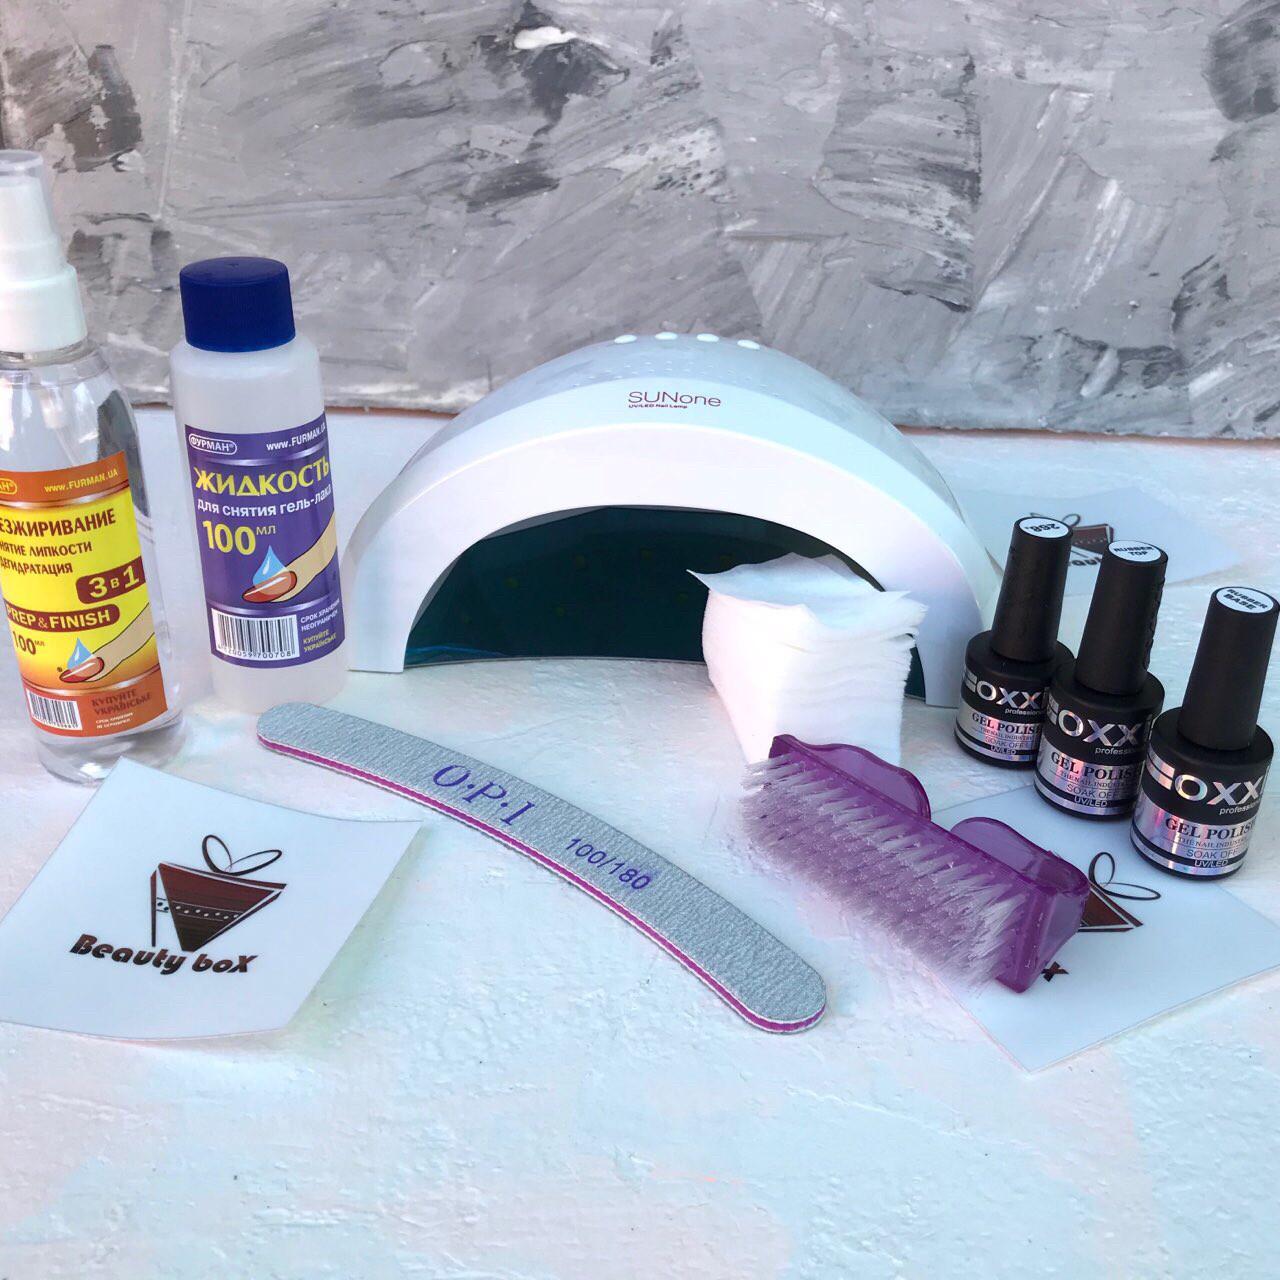 Стартовый набор для покрытия гель-лаком Oxxi (доставка в подарок) №1